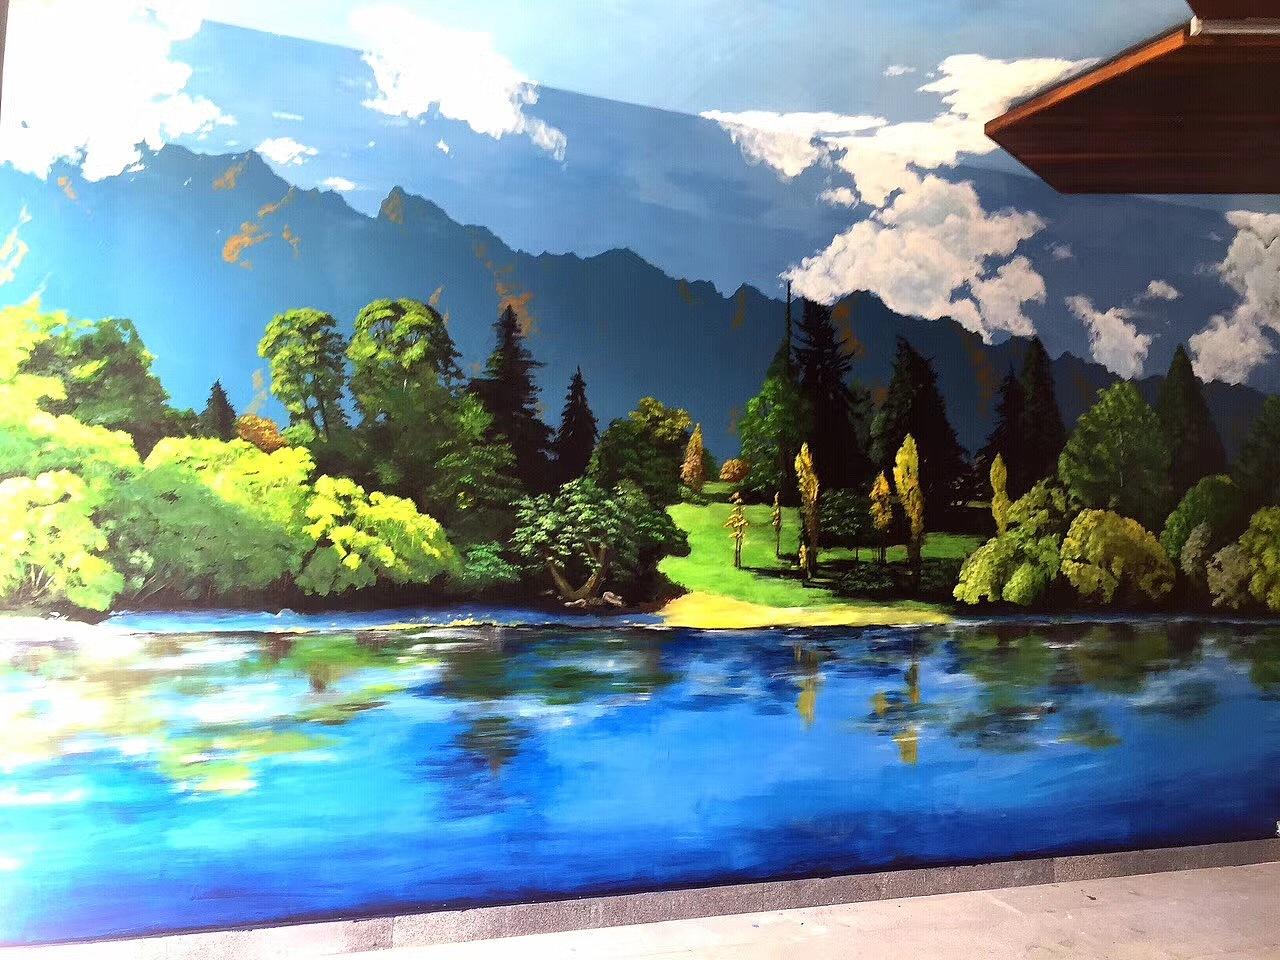 壁纸 风景 摄影 桌面 1280_960